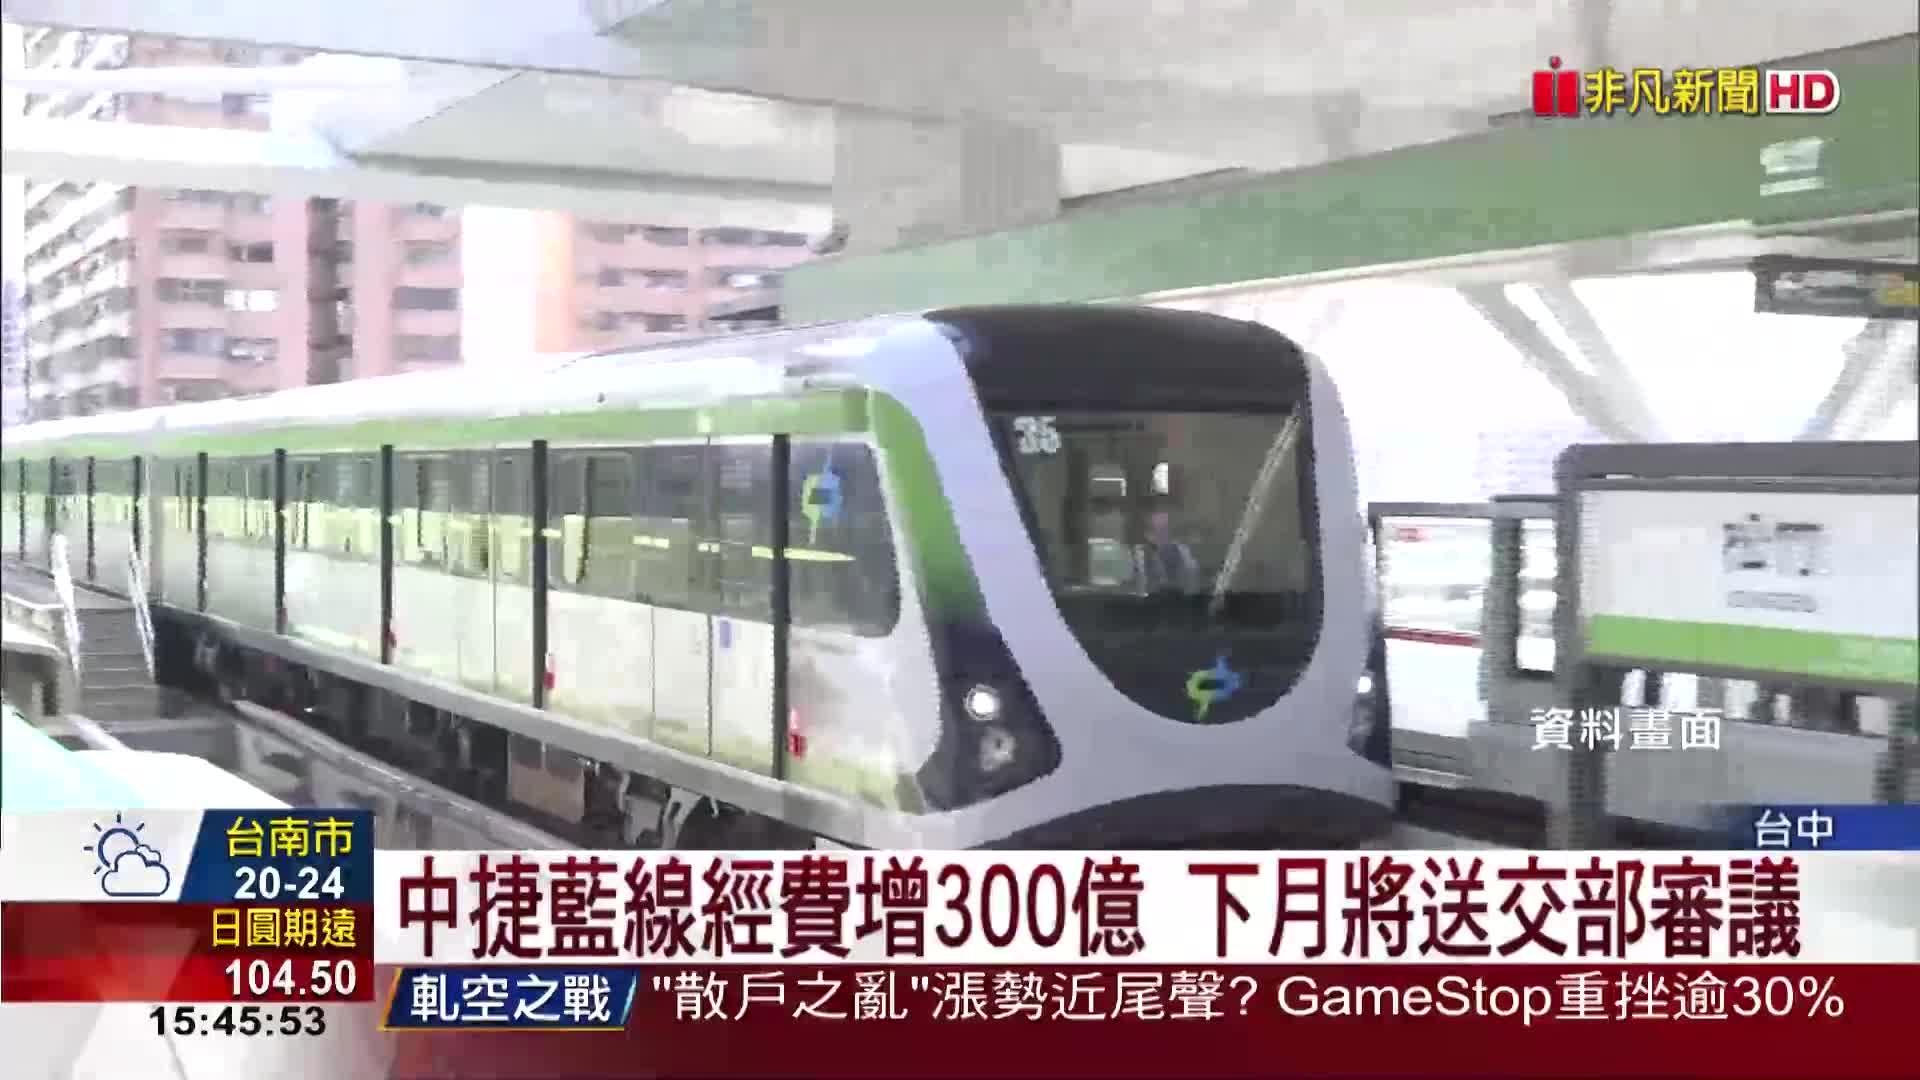 中捷藍線經費增300億 下月將送交部審議